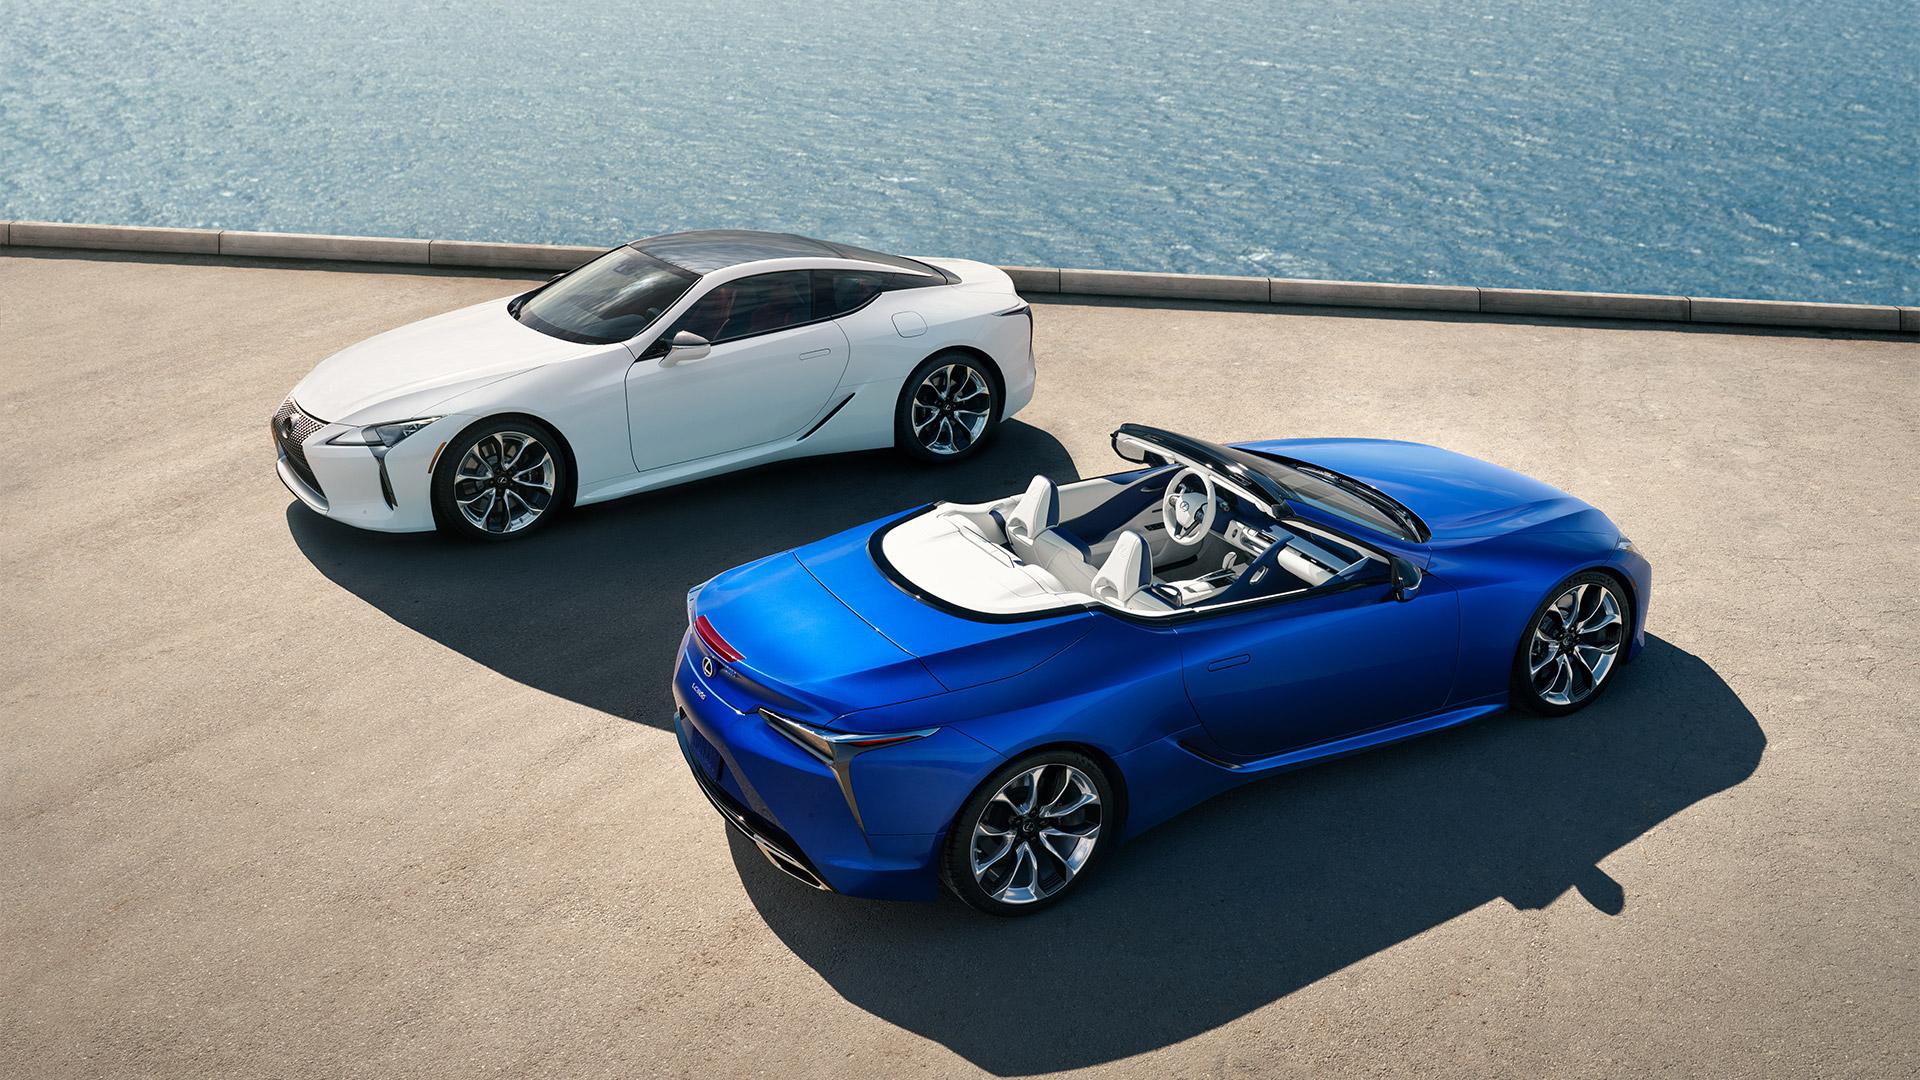 01 2019 027 nieuwe Lexus LC 500 Convertible 1920x1080 galerij